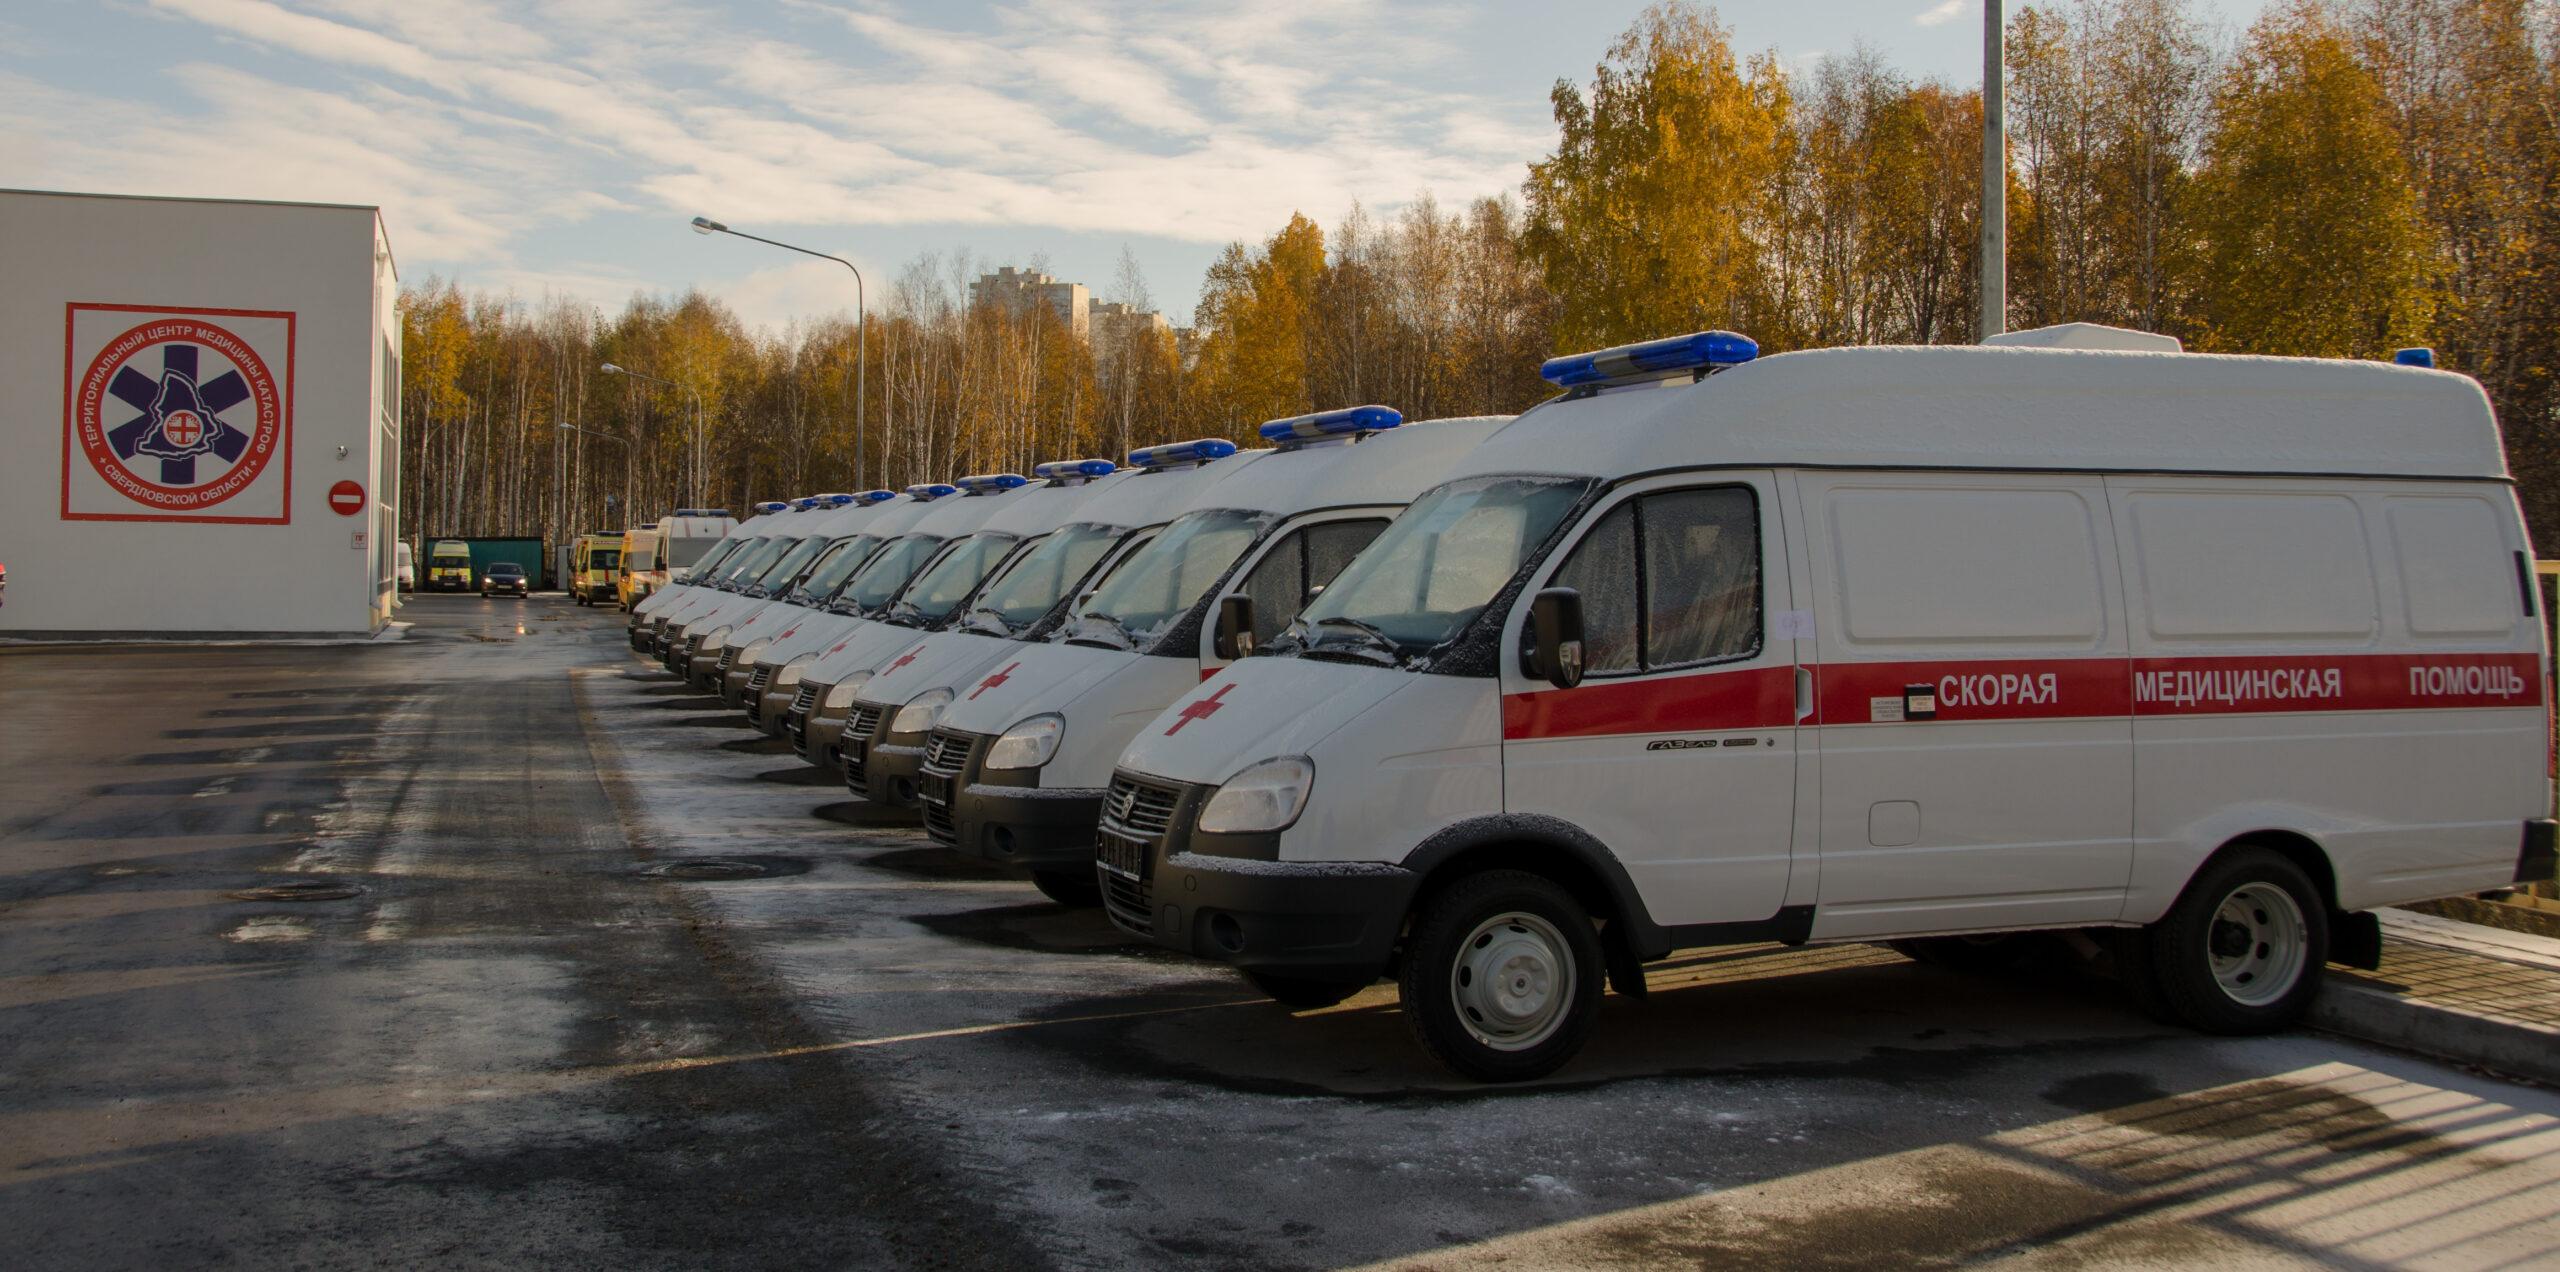 В Псковской области за сутки вызывают «скорую» около 900 раз